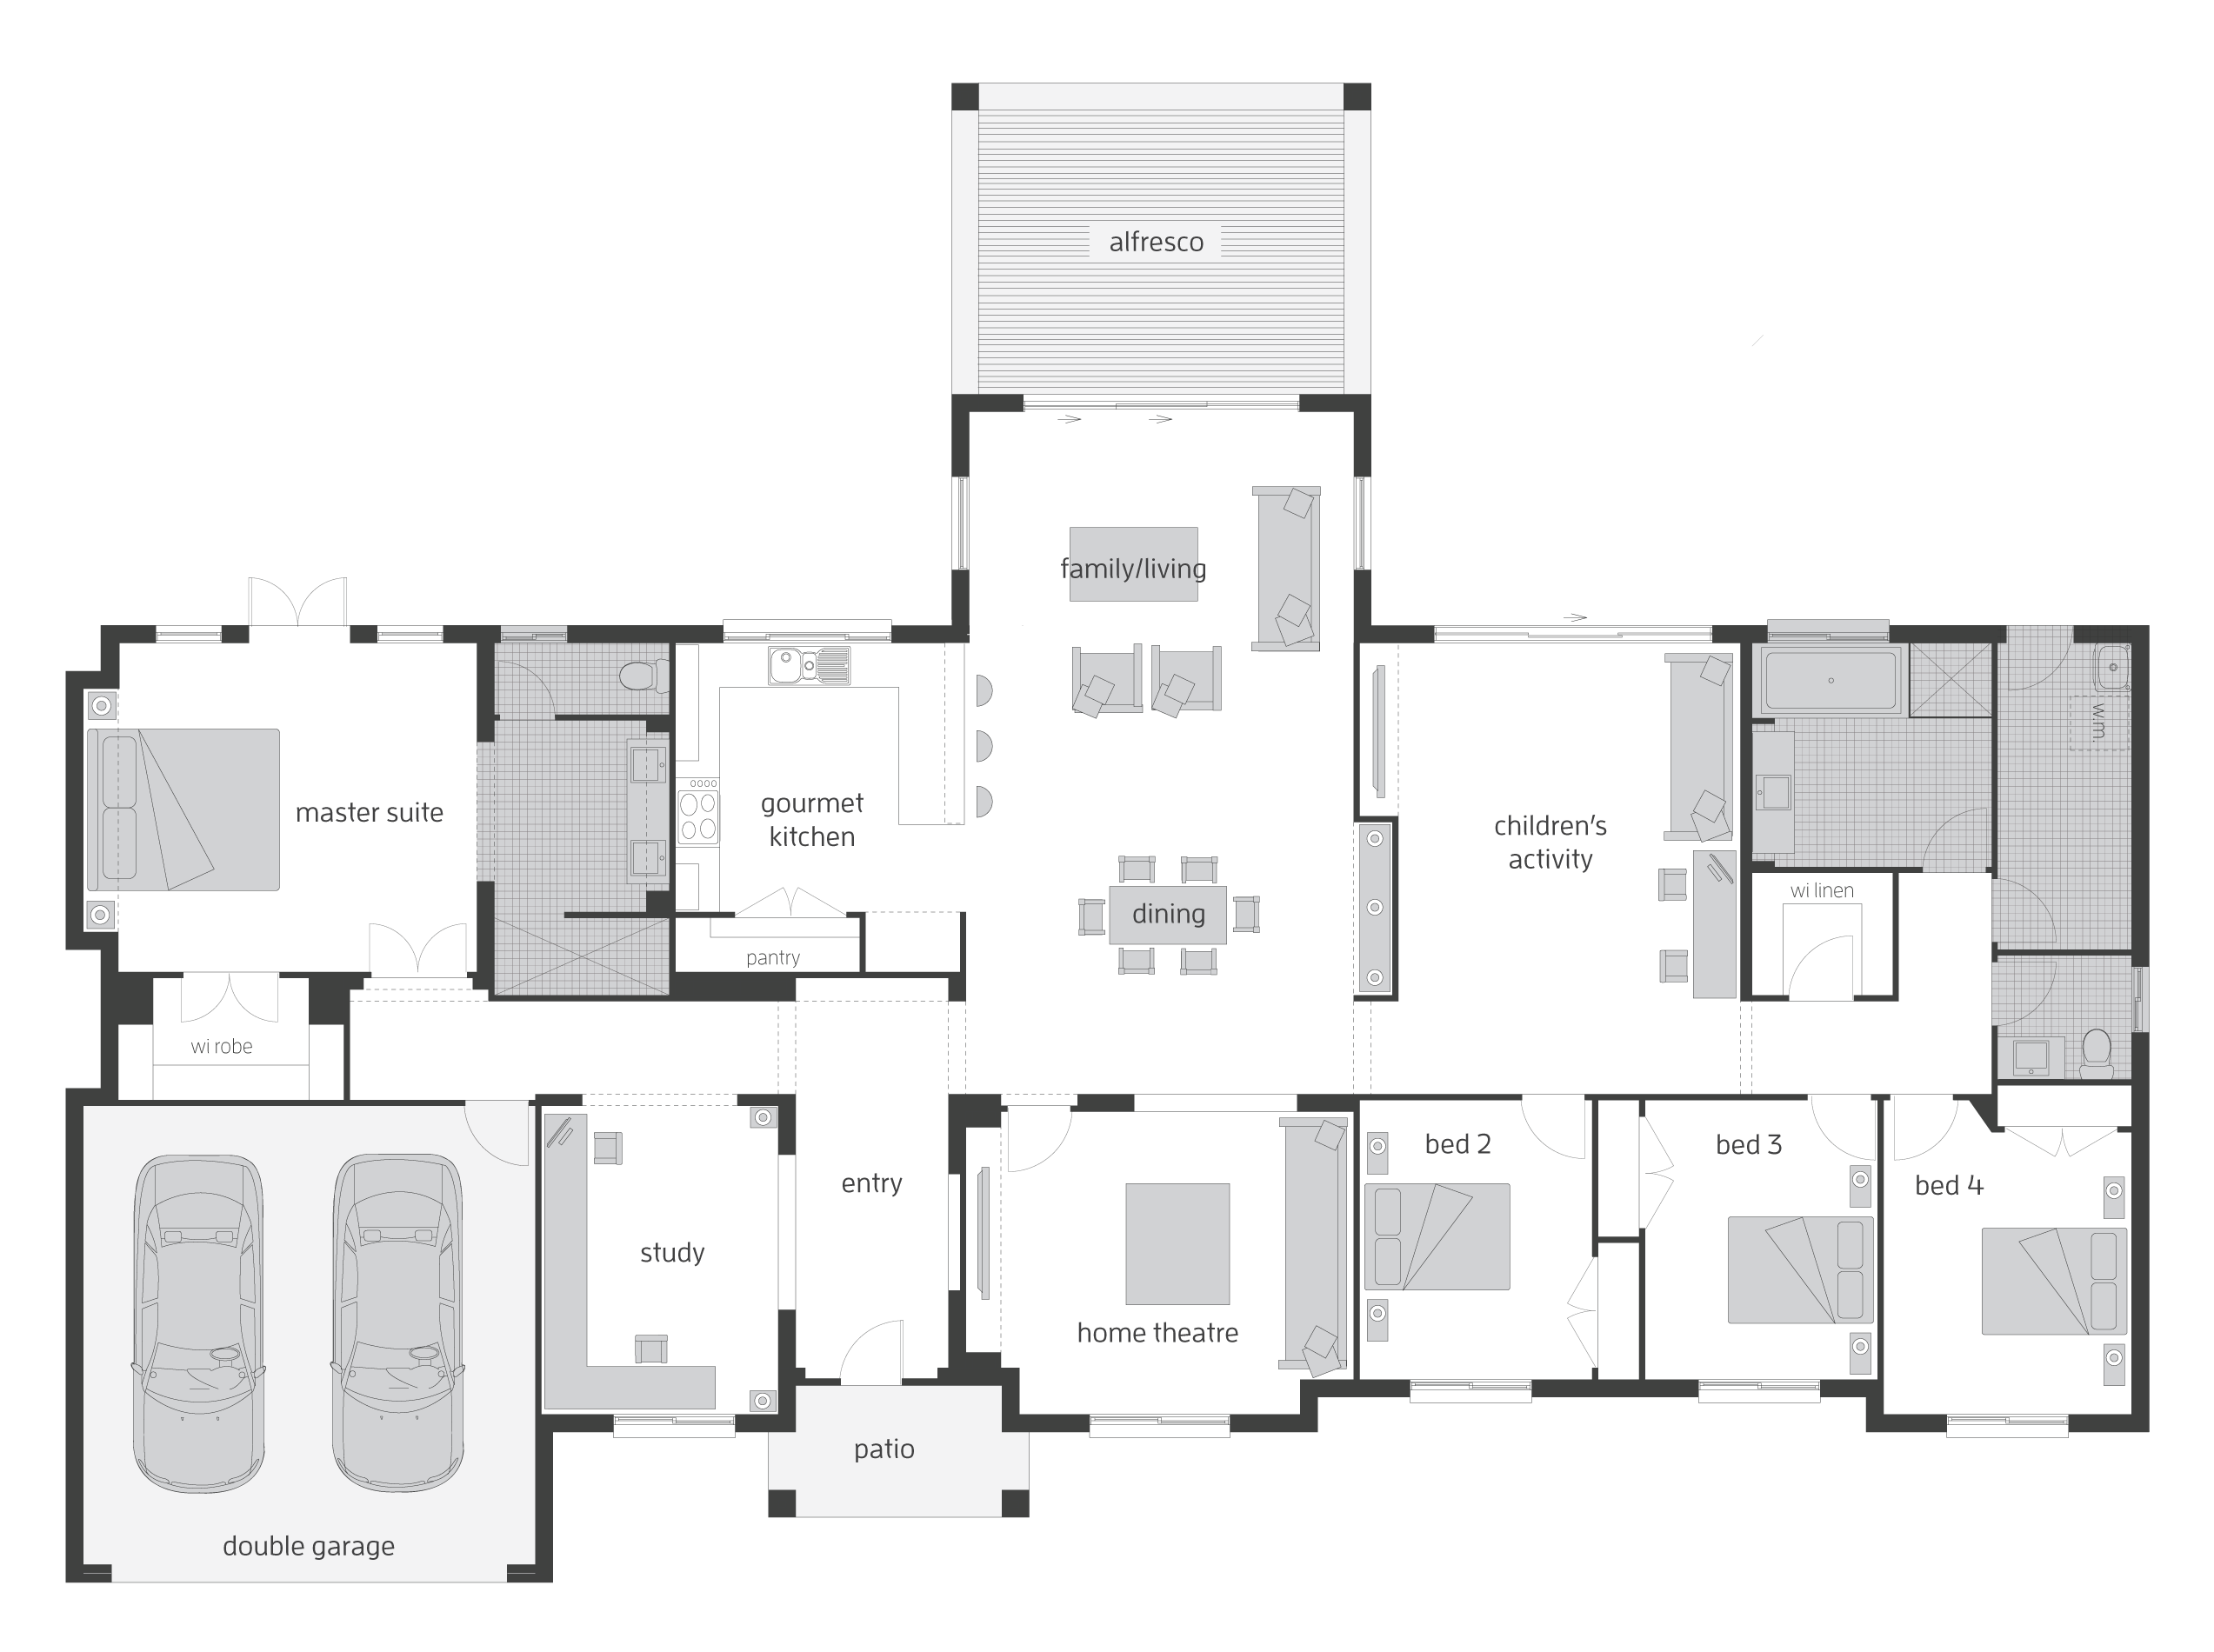 mornington floor plan by mcdonald jones exclusive to queensland